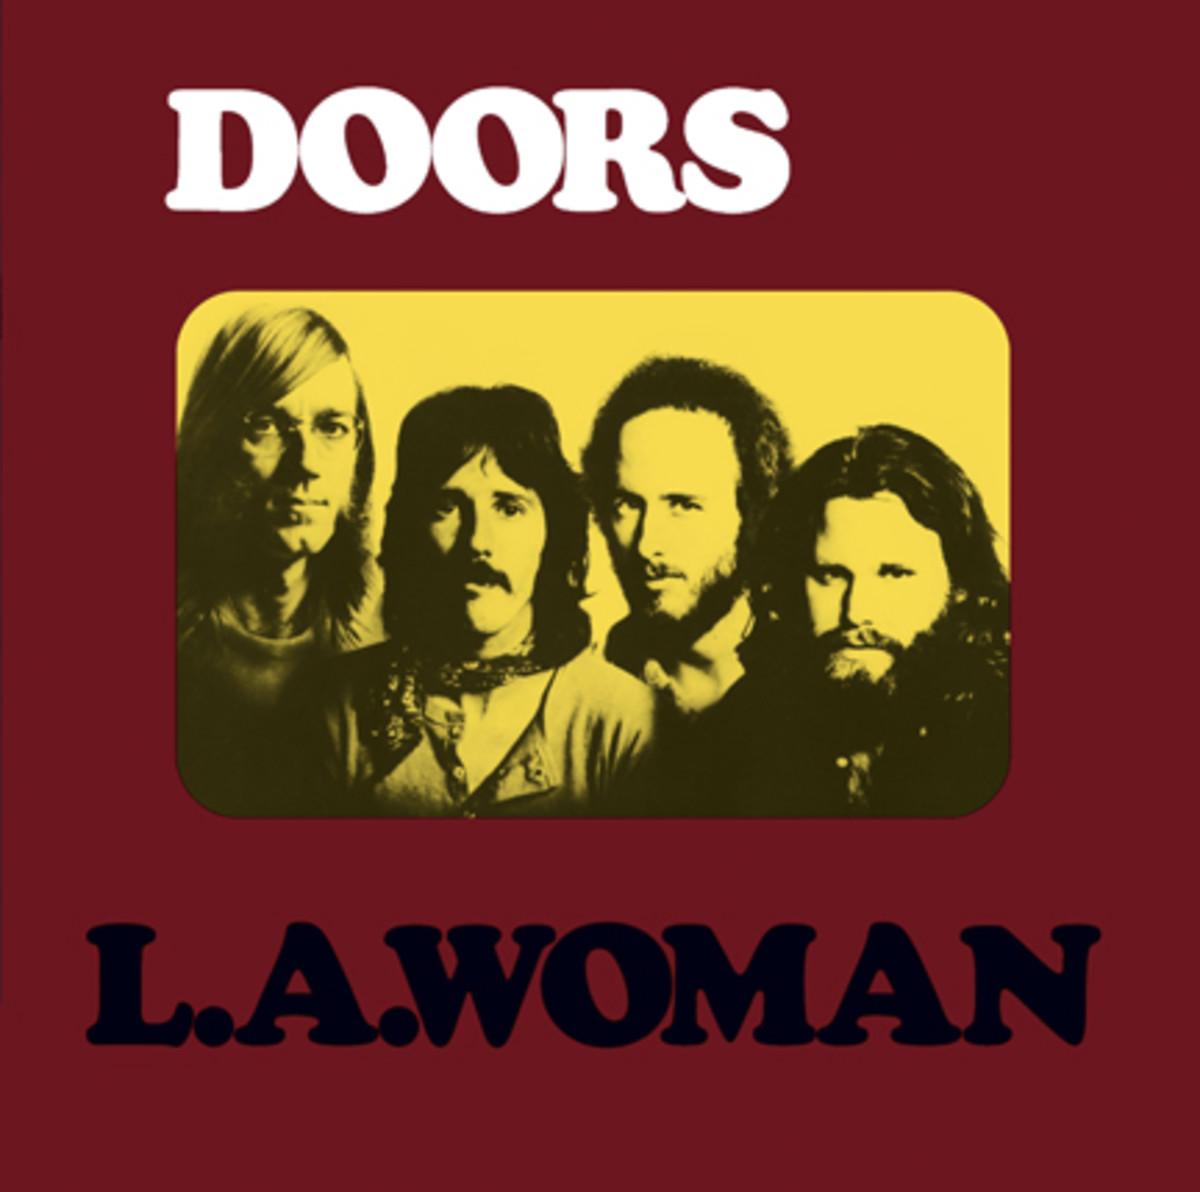 The Doors L.A. Woman